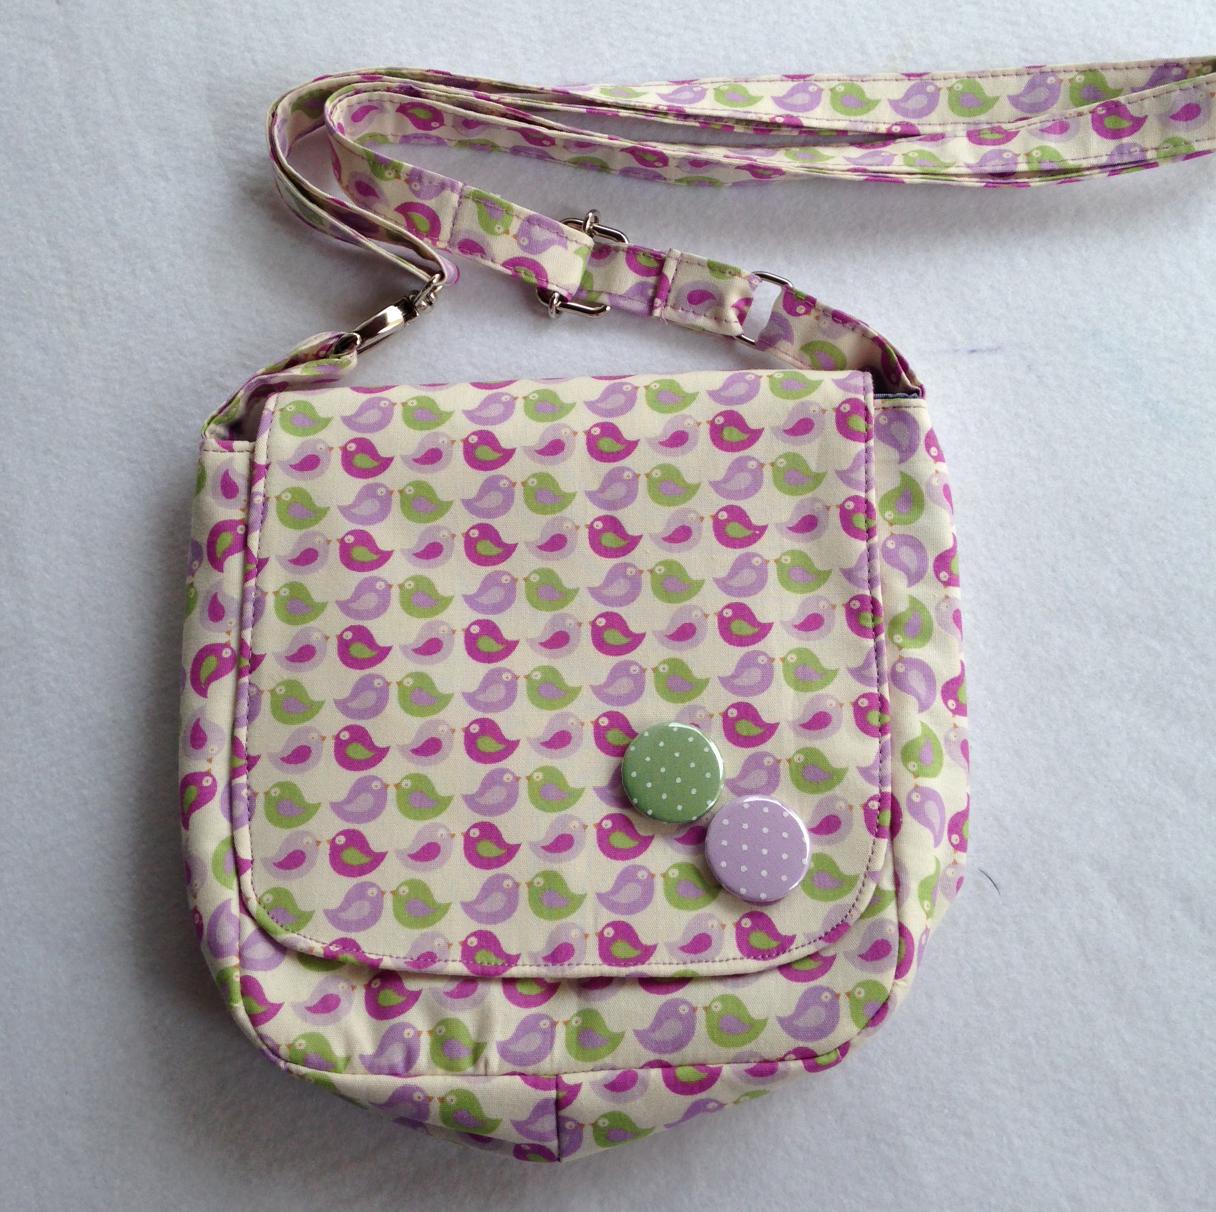 Bolsa De Tecido Tiracolo Passo A Passo : Bolsa tiracolo quot passarinhos criando e recriando kicuti